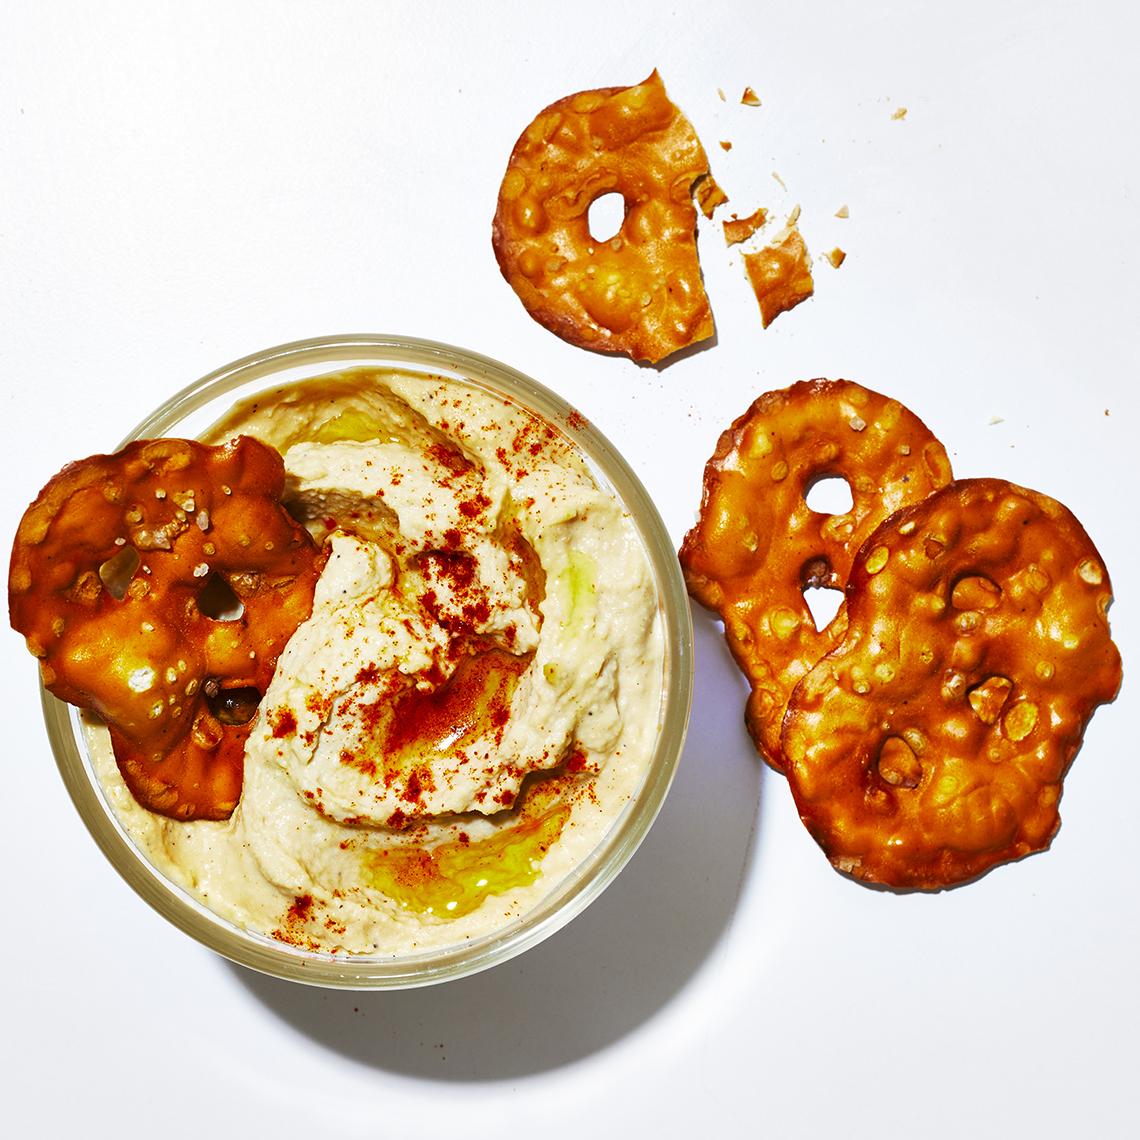 Tazón pequeño de hummus y pretzels